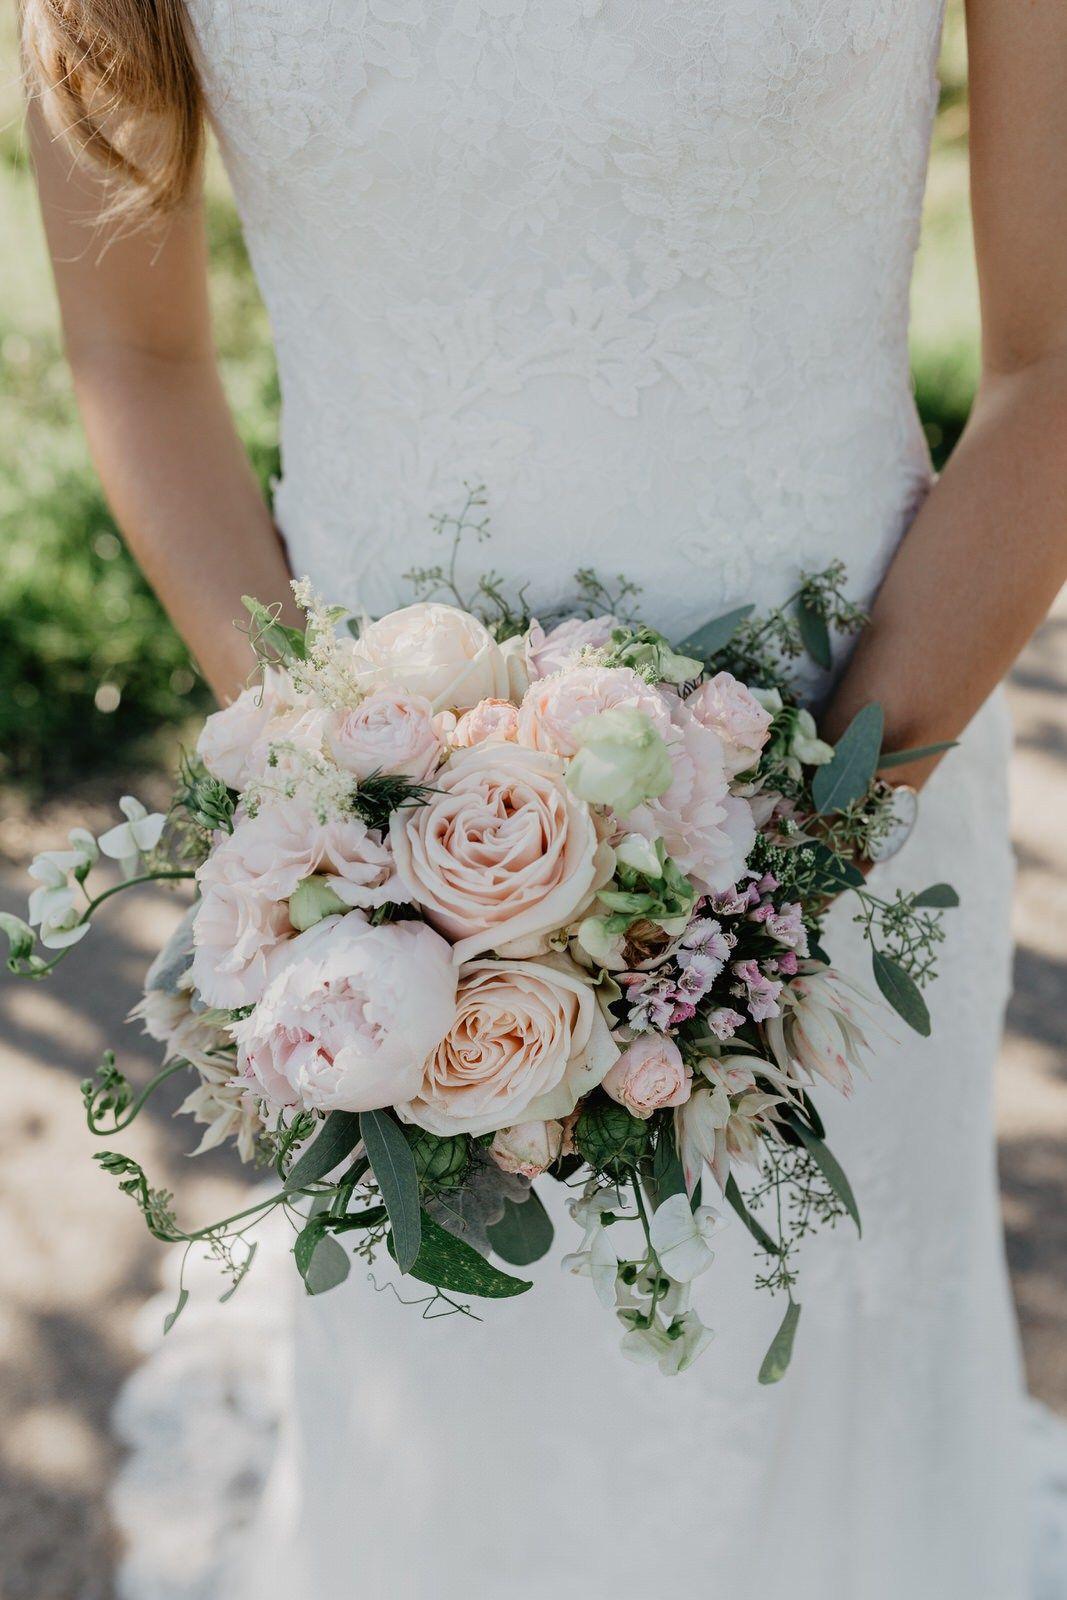 Pfingstrosen Brautstrauss Blumen Hochzeit Nude Blush